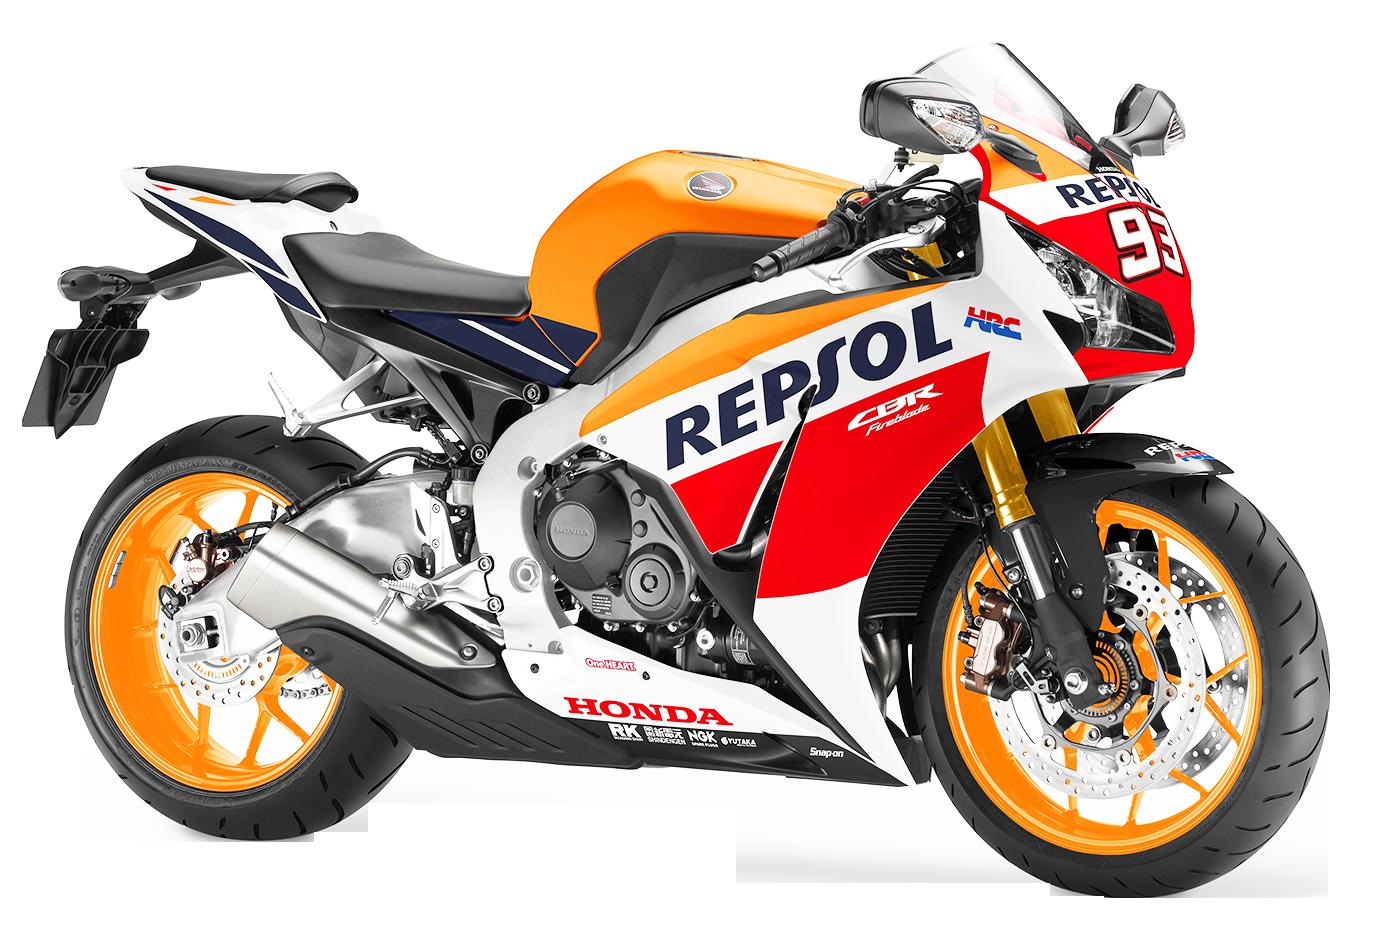 Honda Repsol PNG Image